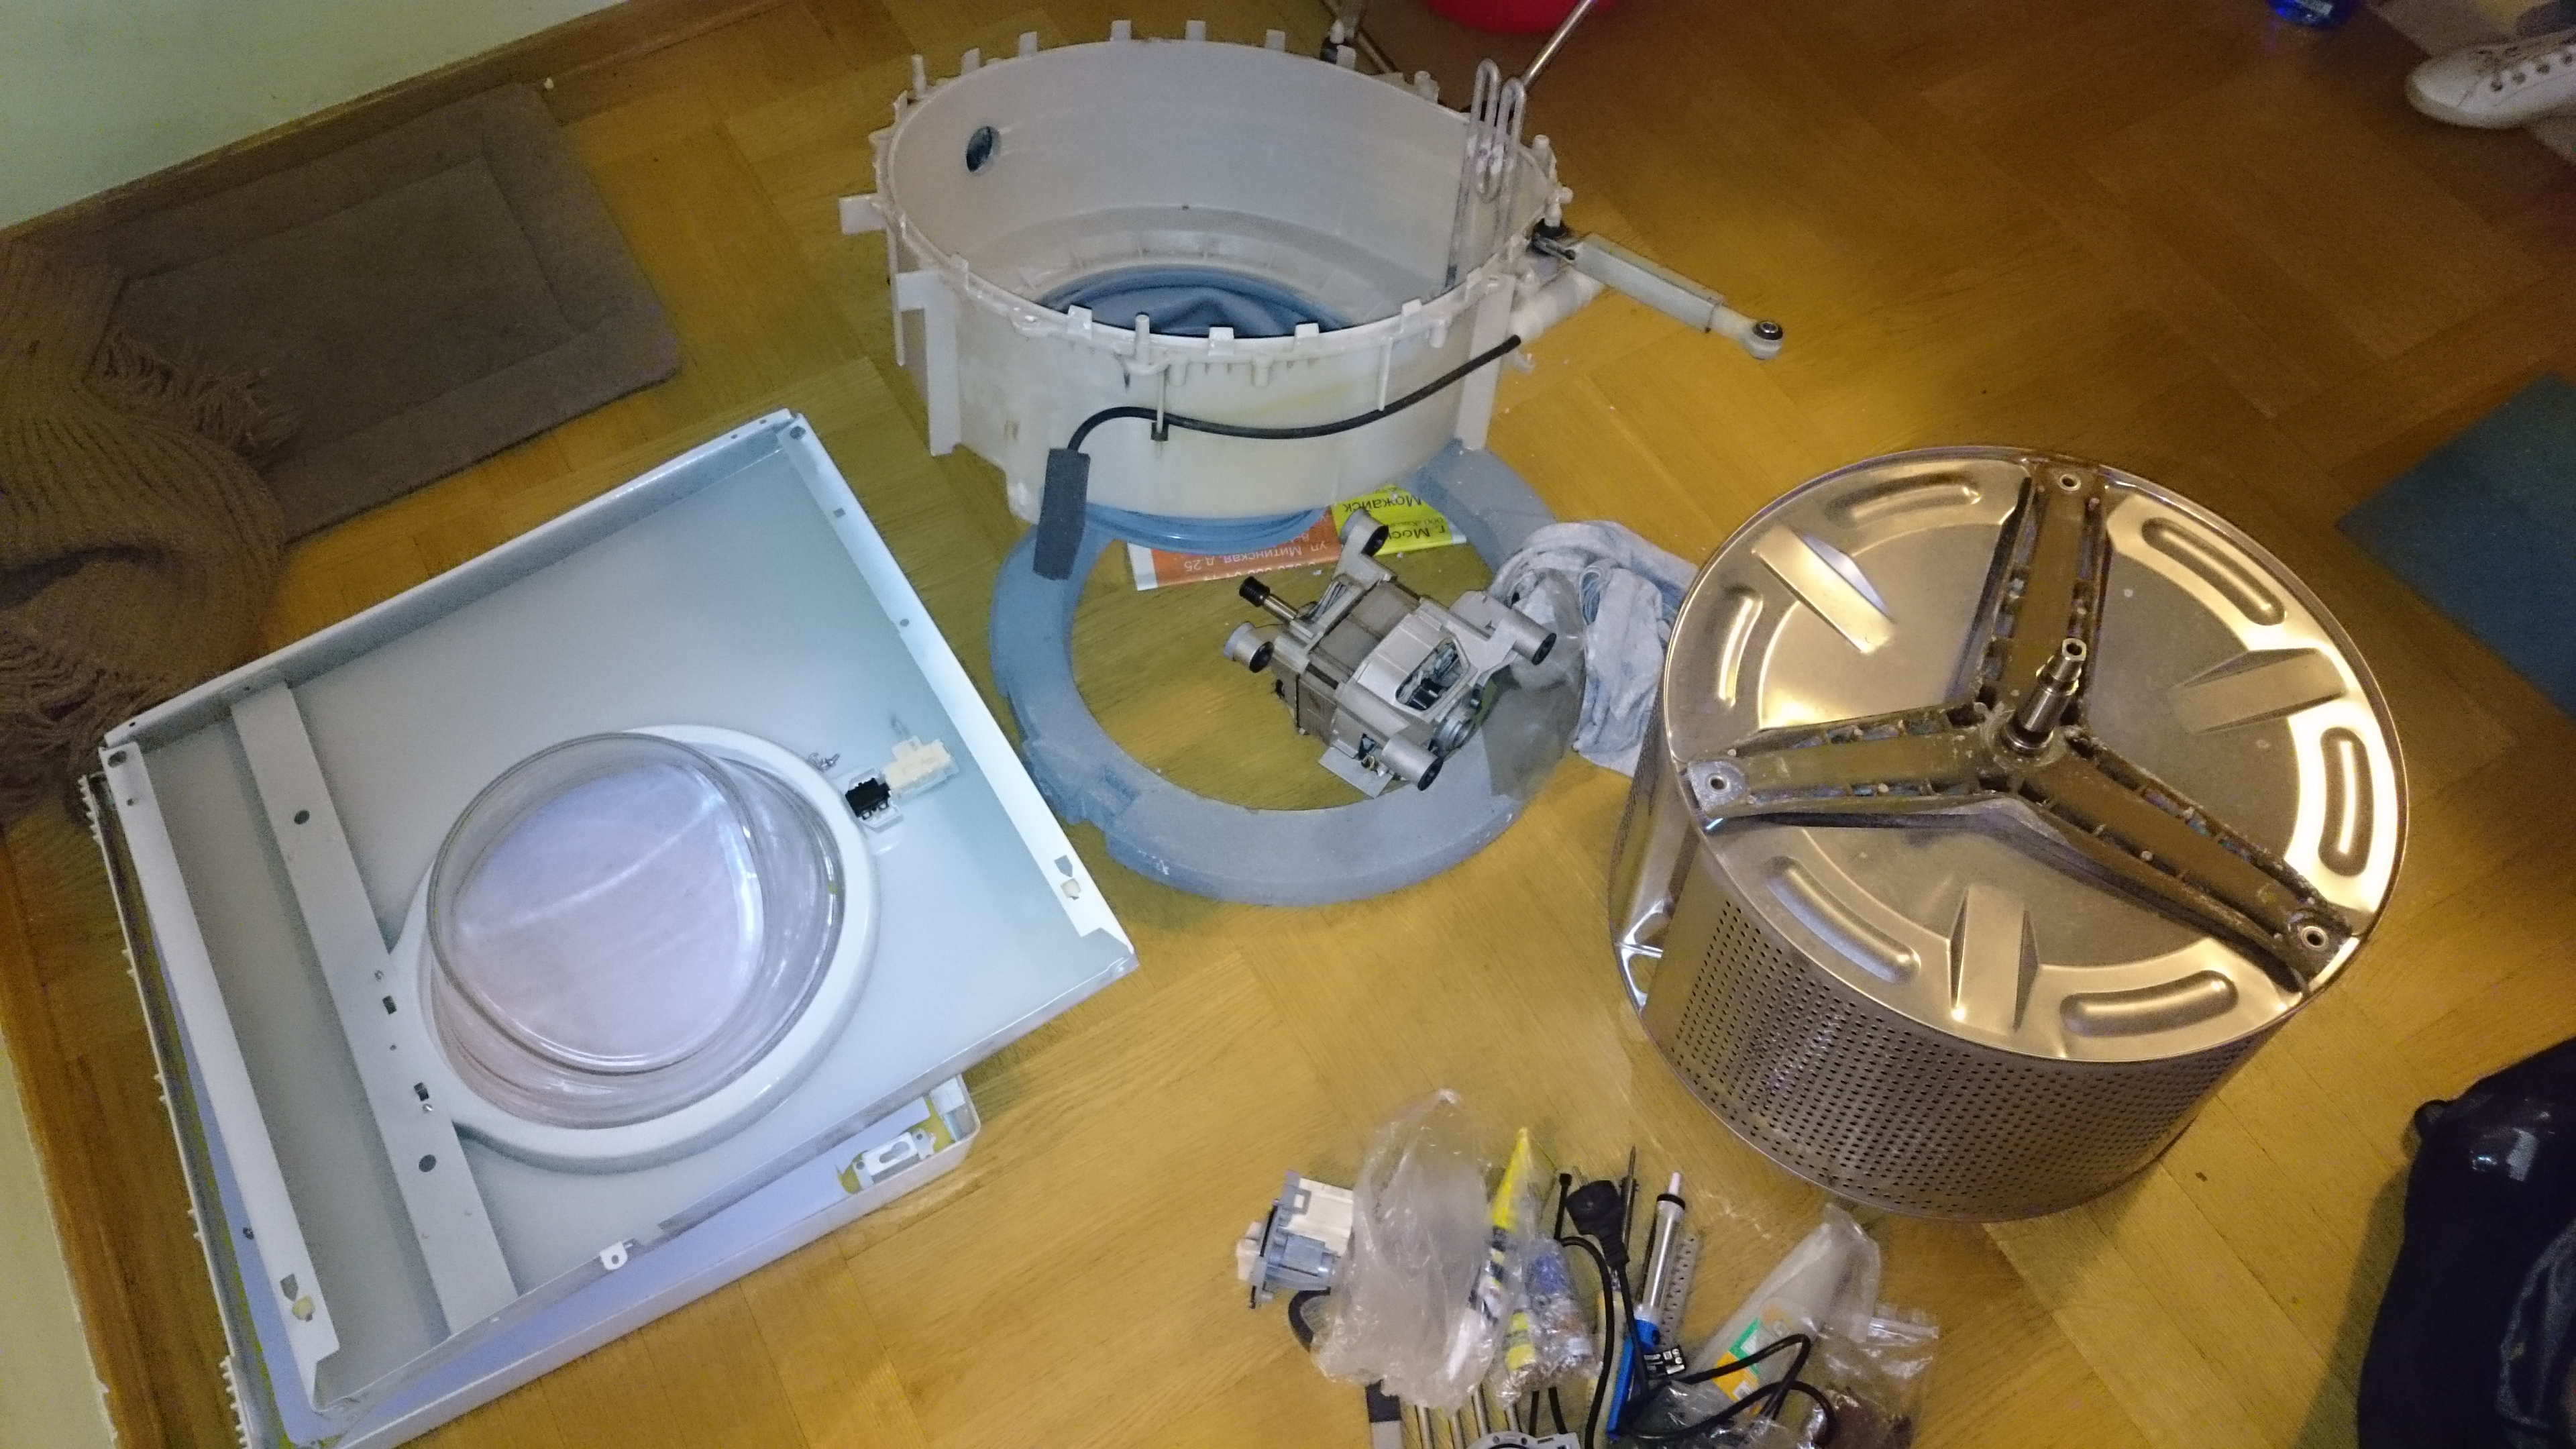 Замена подшипников в стиральной машине Candy Видео на Запорожском портале 38